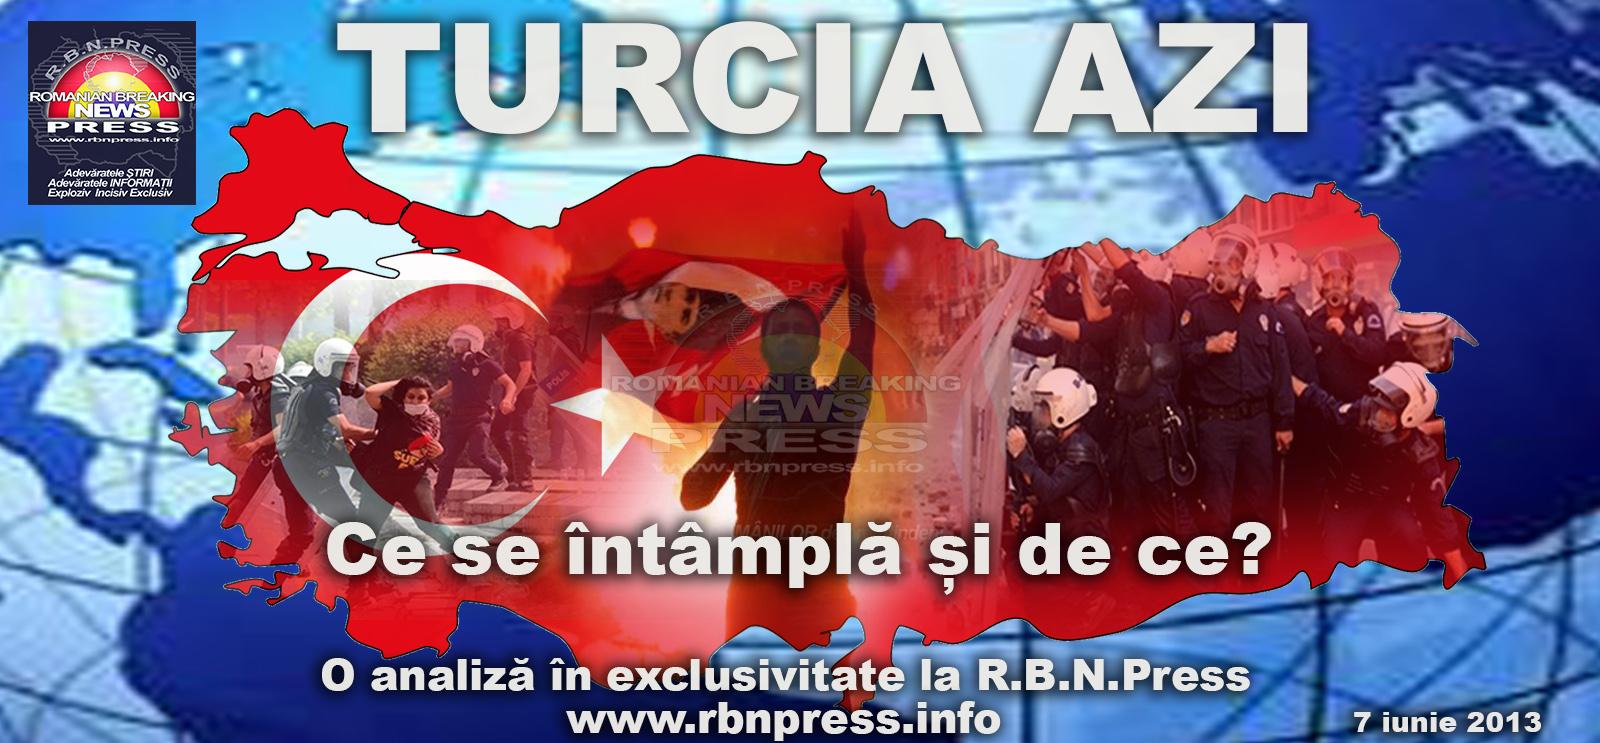 Turcia-analiza-rbnpress